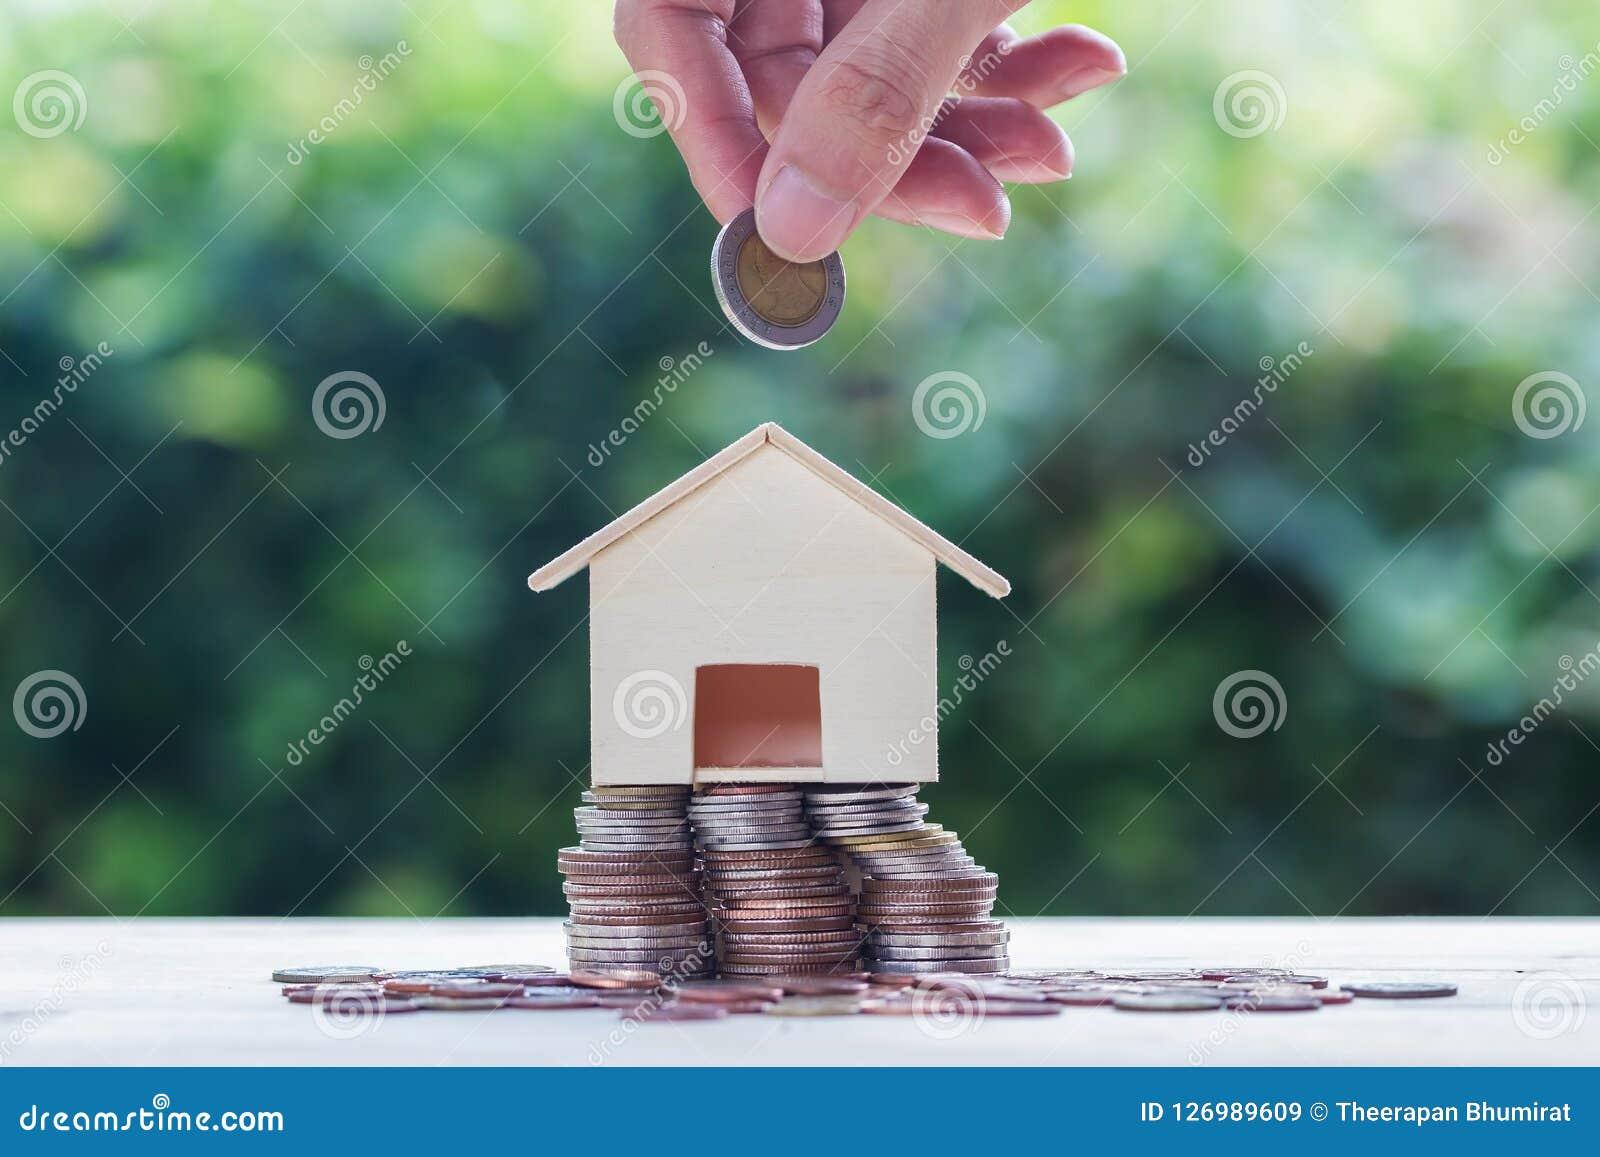 挽救金钱,房屋贷款,抵押, fut的物产投资